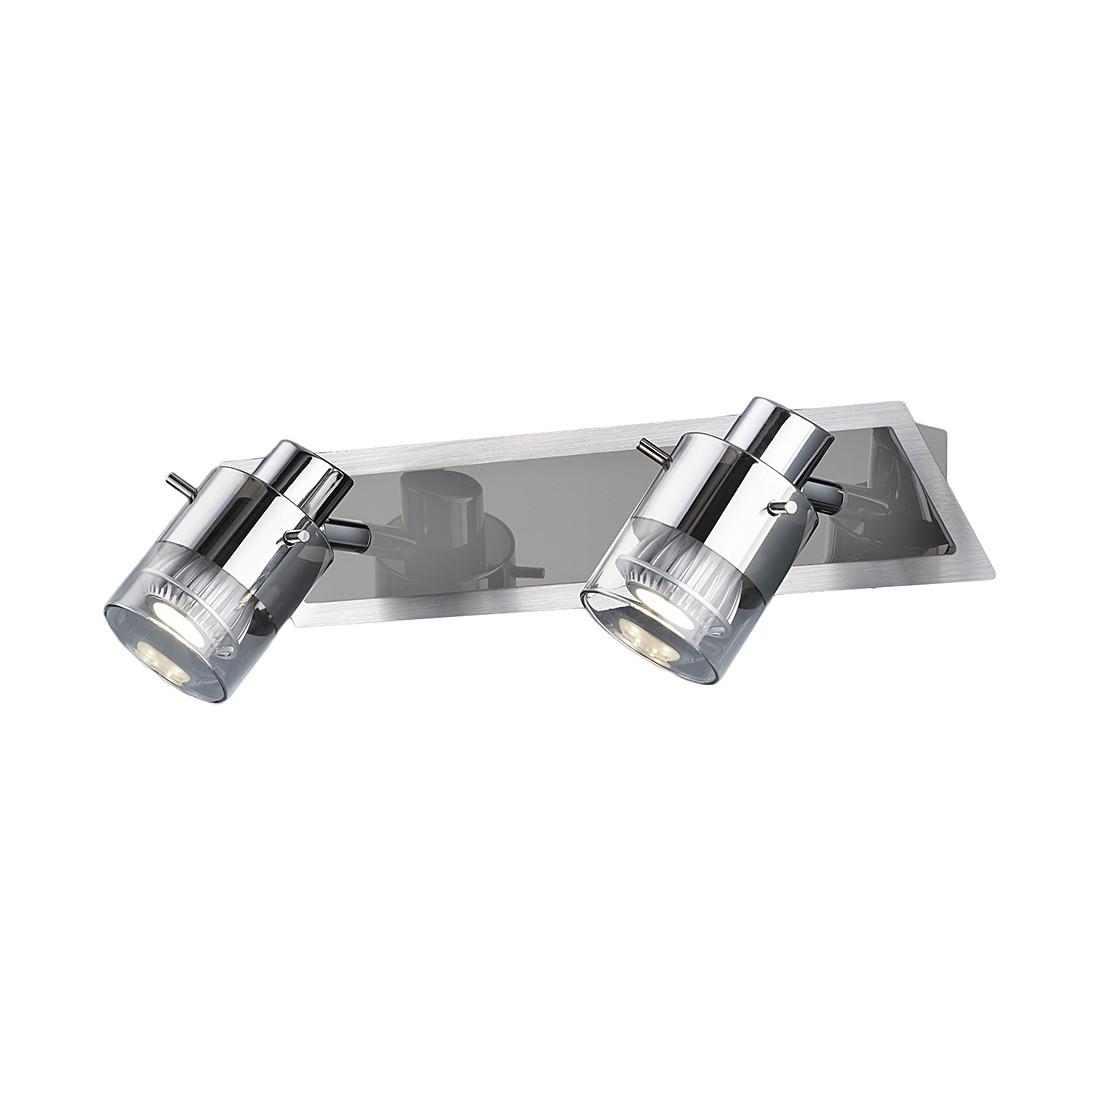 EEK A++, LED-Balken – Schwarz-chrom – 2×6 W, Trio günstig bestellen